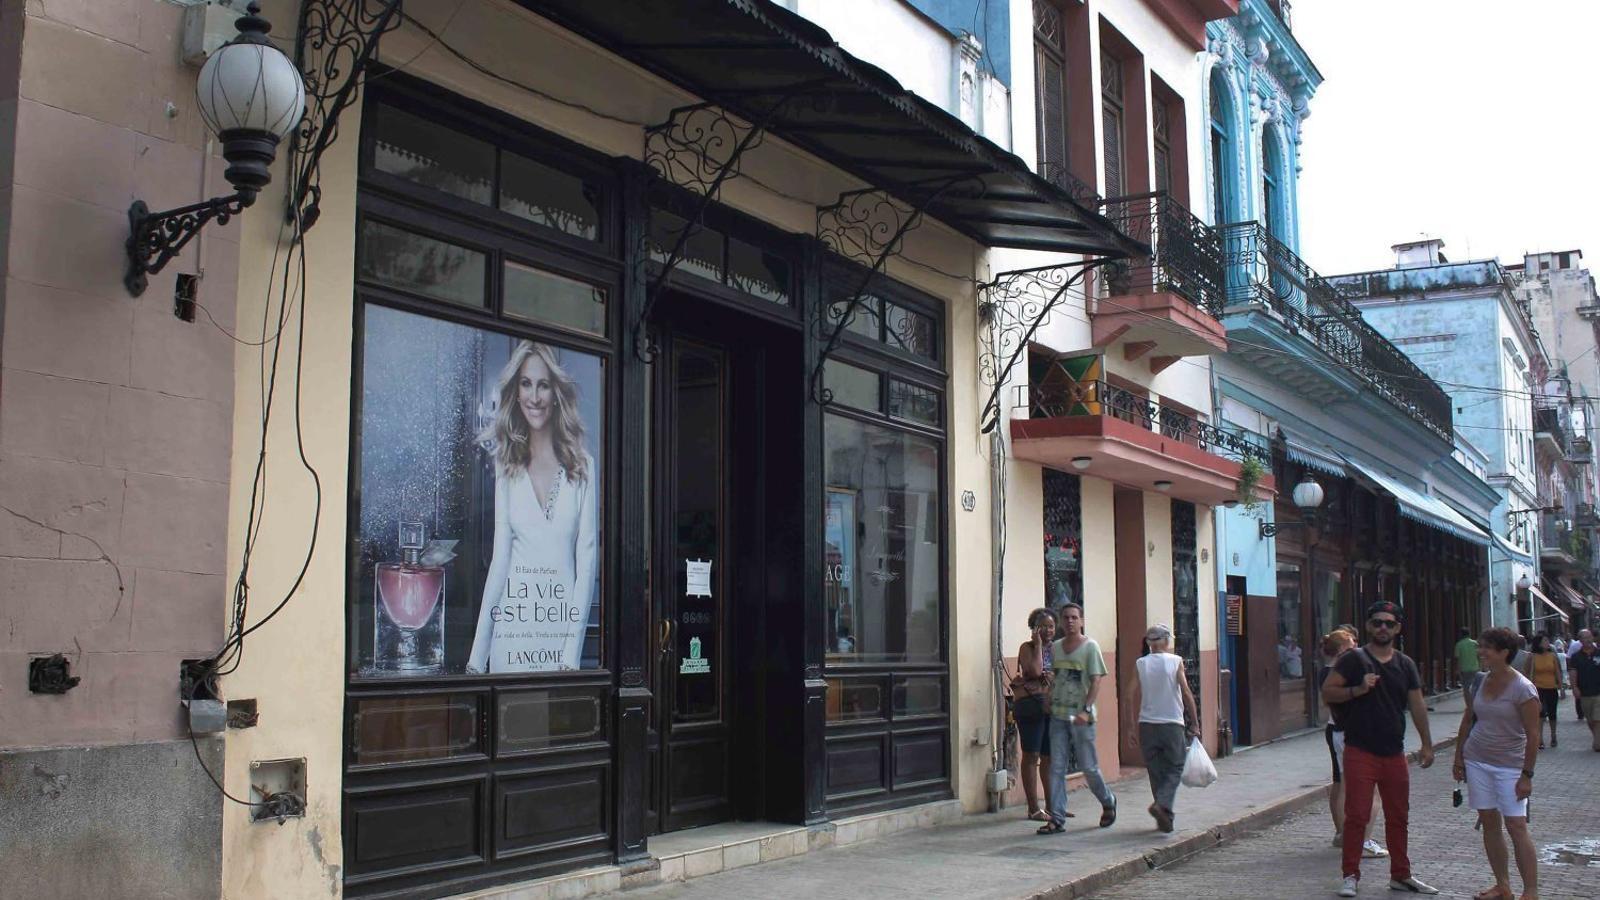 Les marques, com Lancôme, es poden trobar a La Habana Vieja, però la propietat de les botigues continua sent d'empreses estatals.